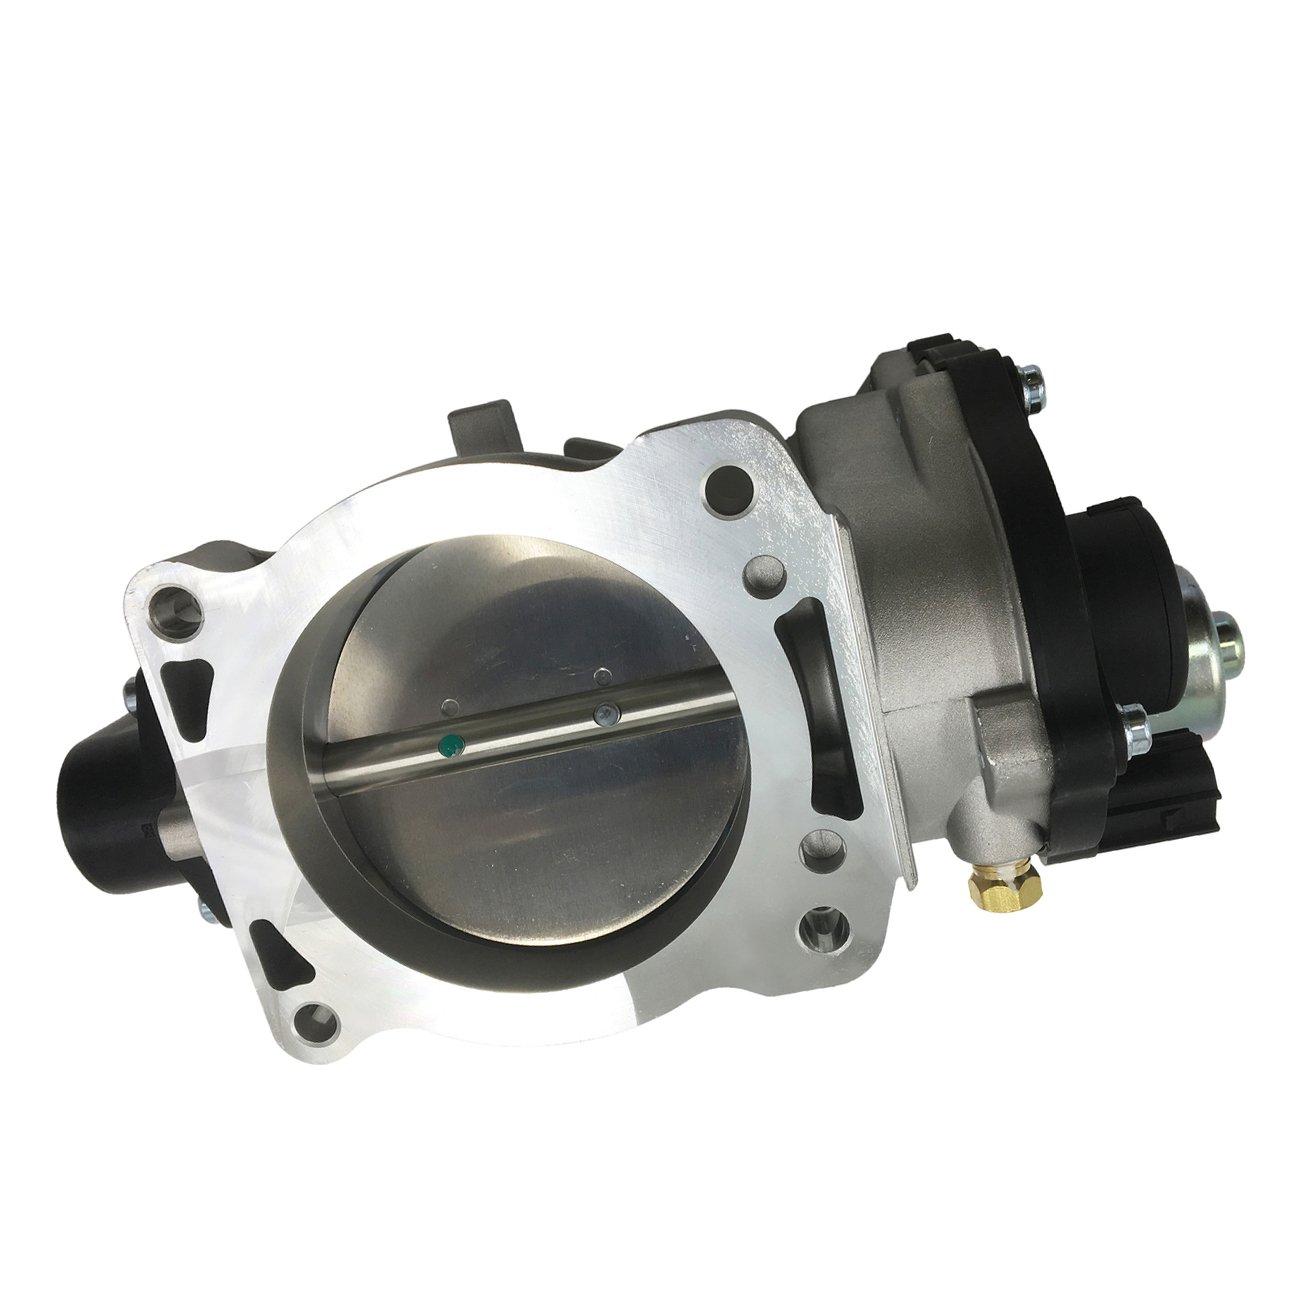 SKP SKS20022 Throttle Body